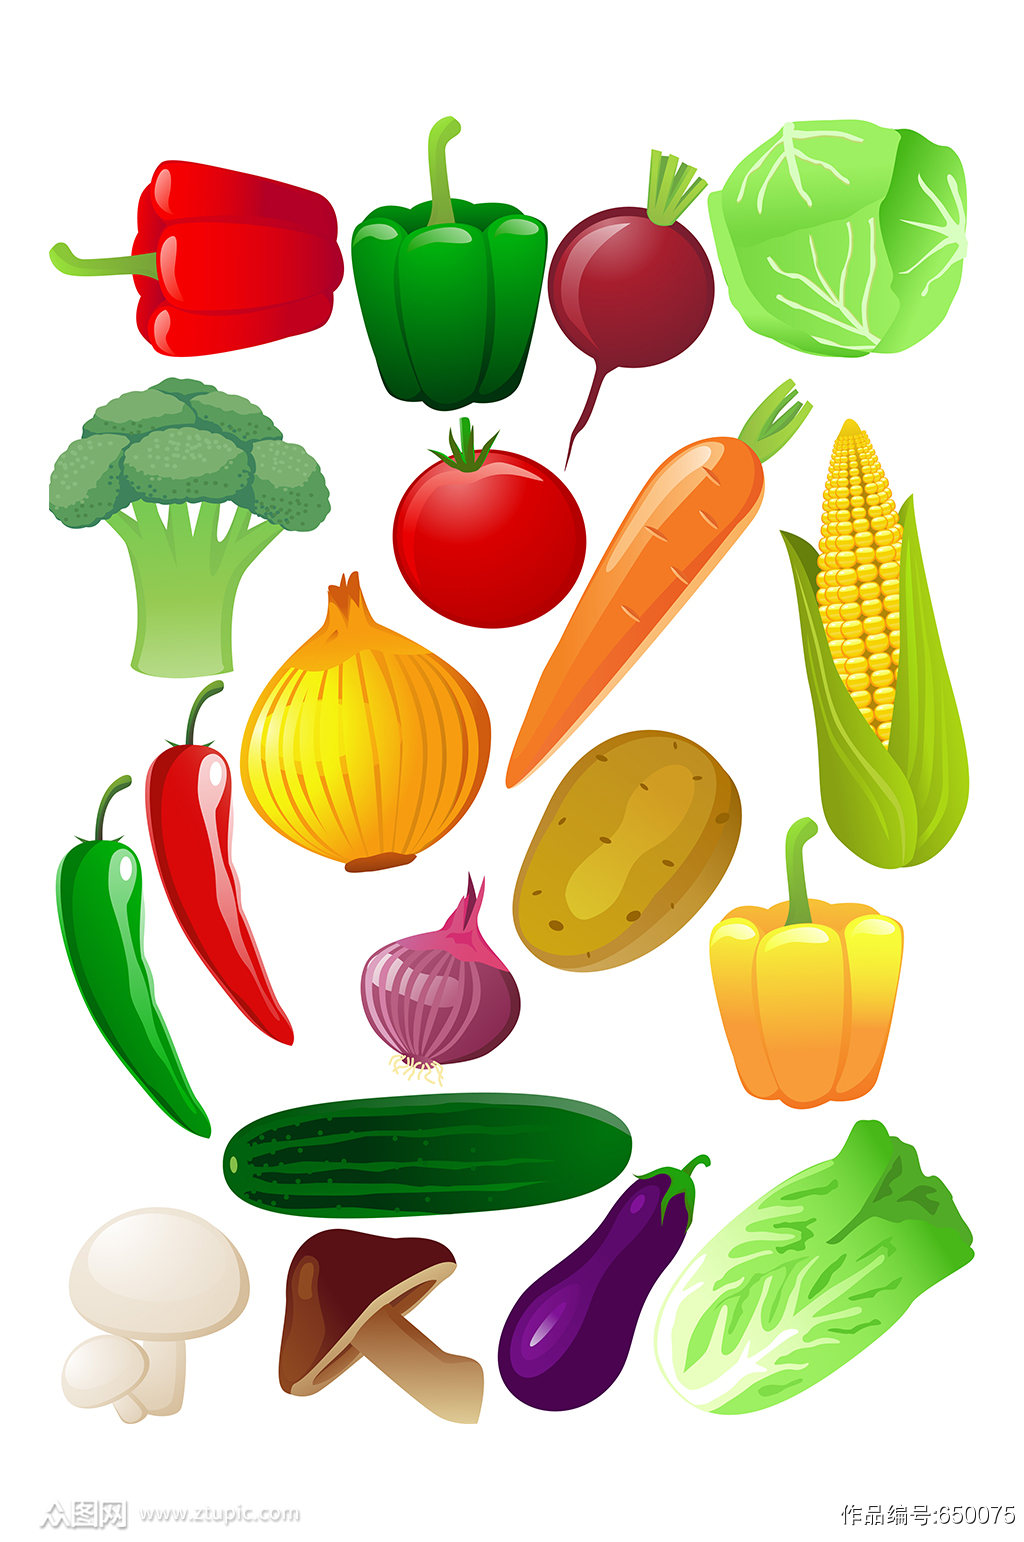 绿色手绘蔬菜素材矢量素材